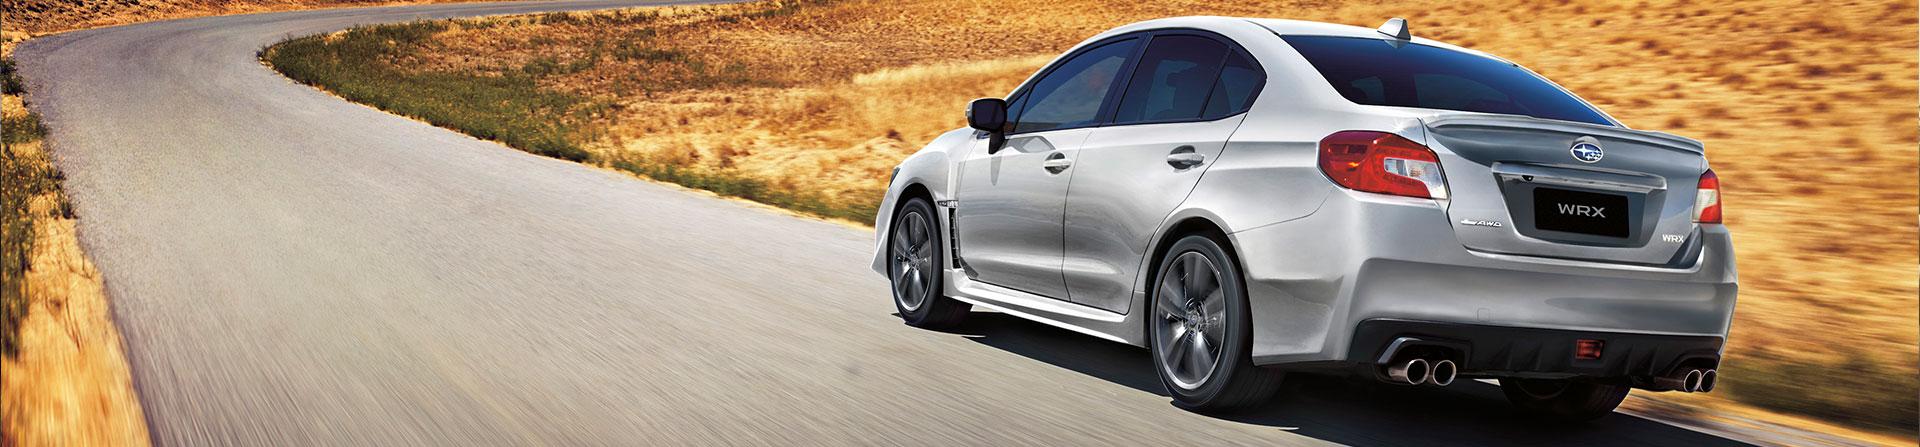 Subaru WRX Image 2